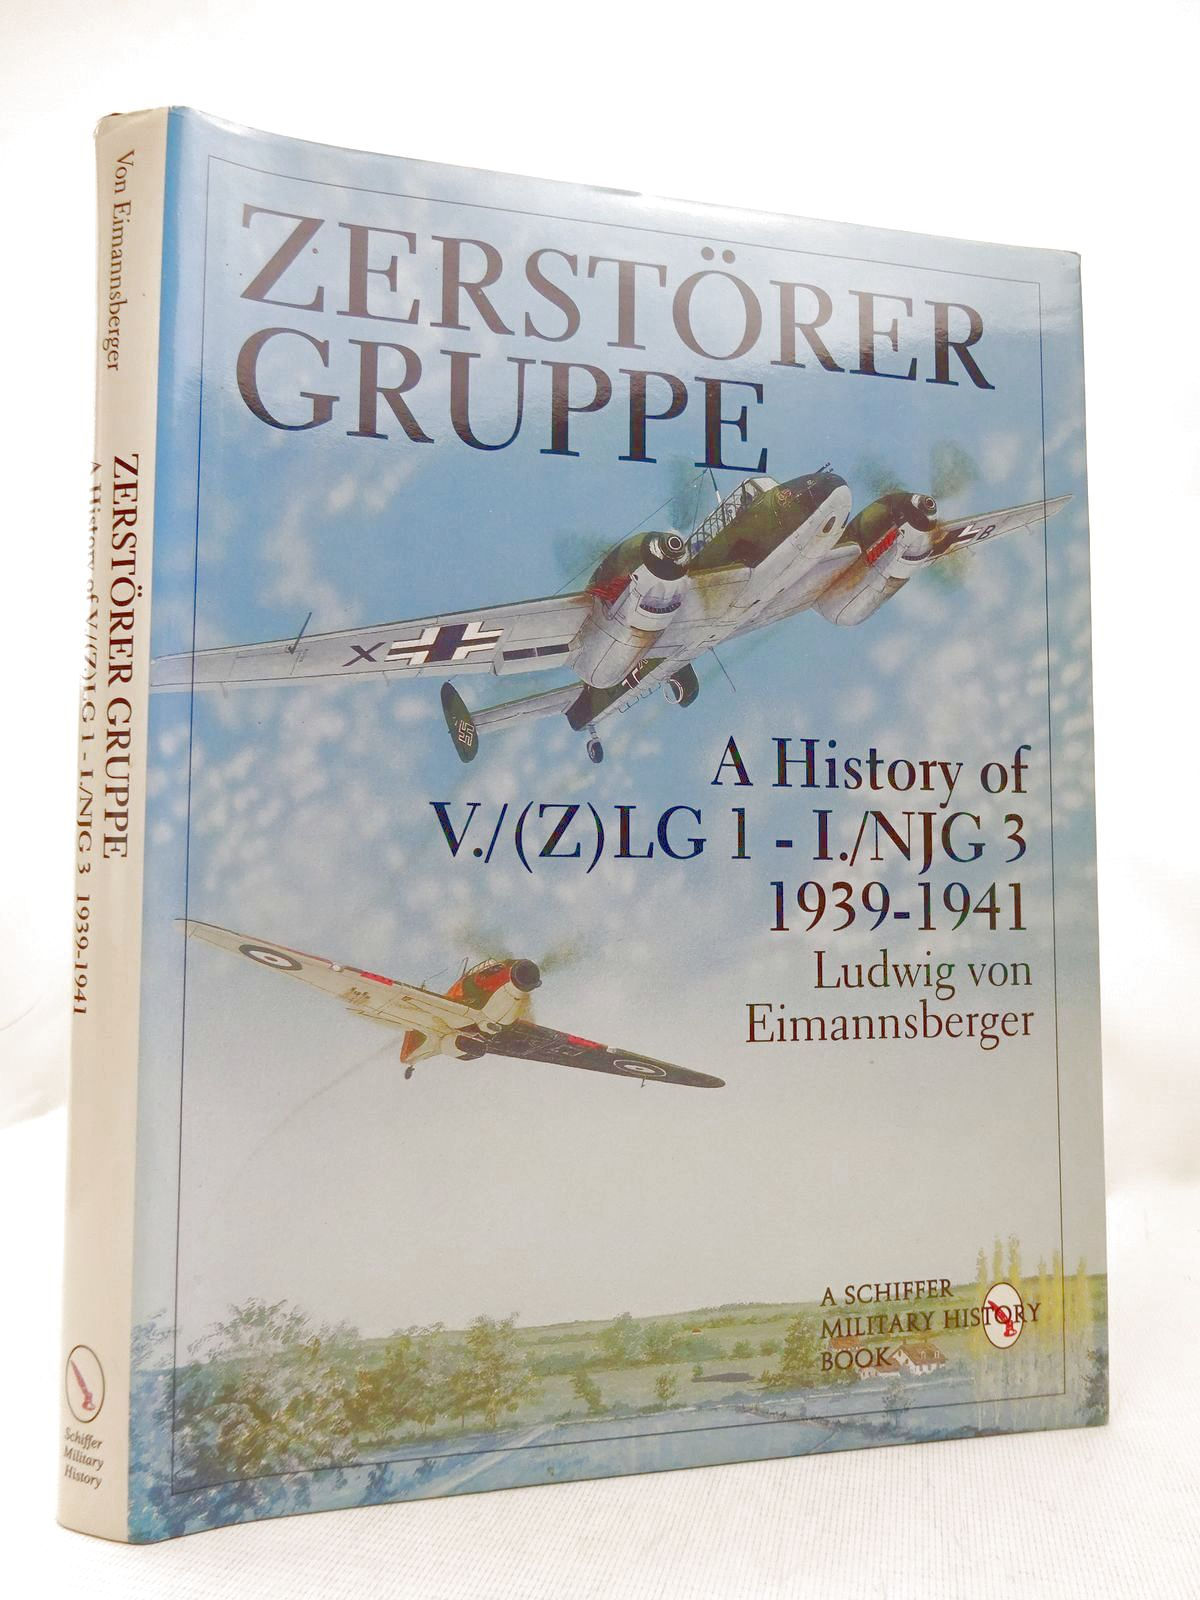 Photo of ZERSTORER GRUPPE A HISTORY OF V./(Z)LG 1 - I./NJG 3 1939-1941- Stock Number: 1816570